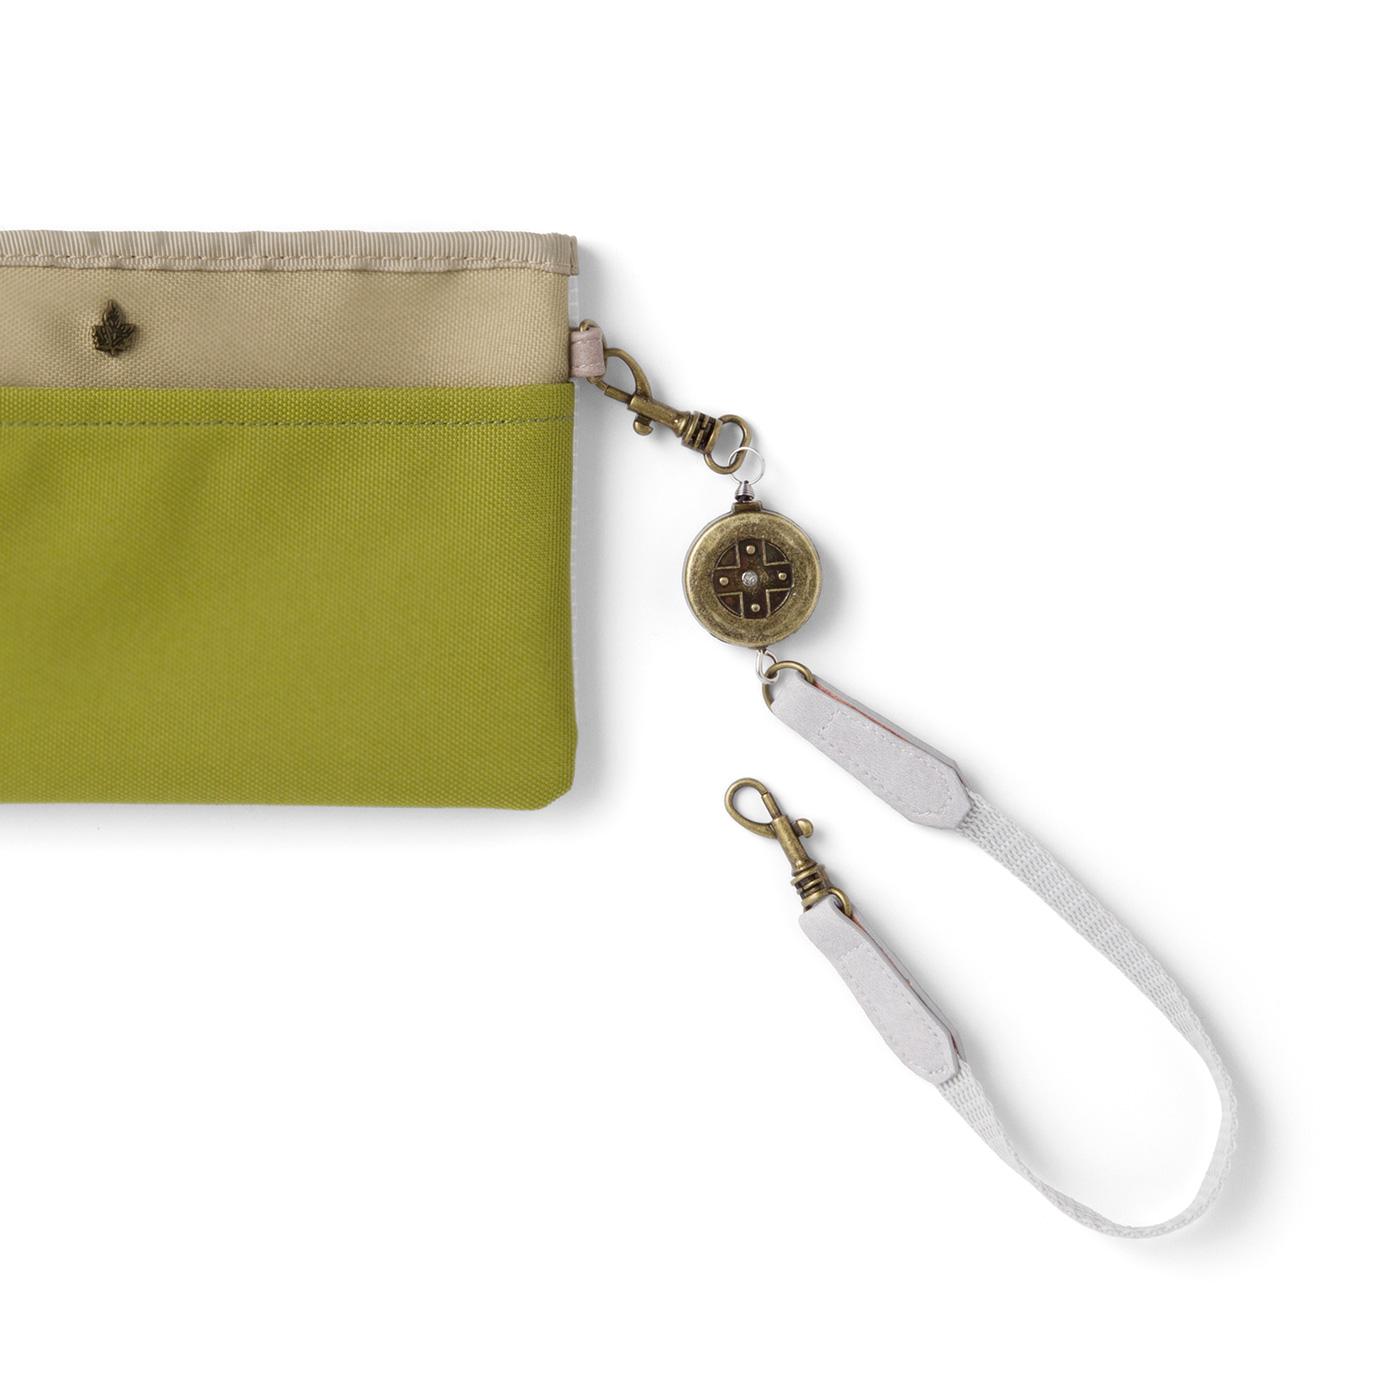 持ち手金具は取り外し可。バッグの内側などに取り付けられます。